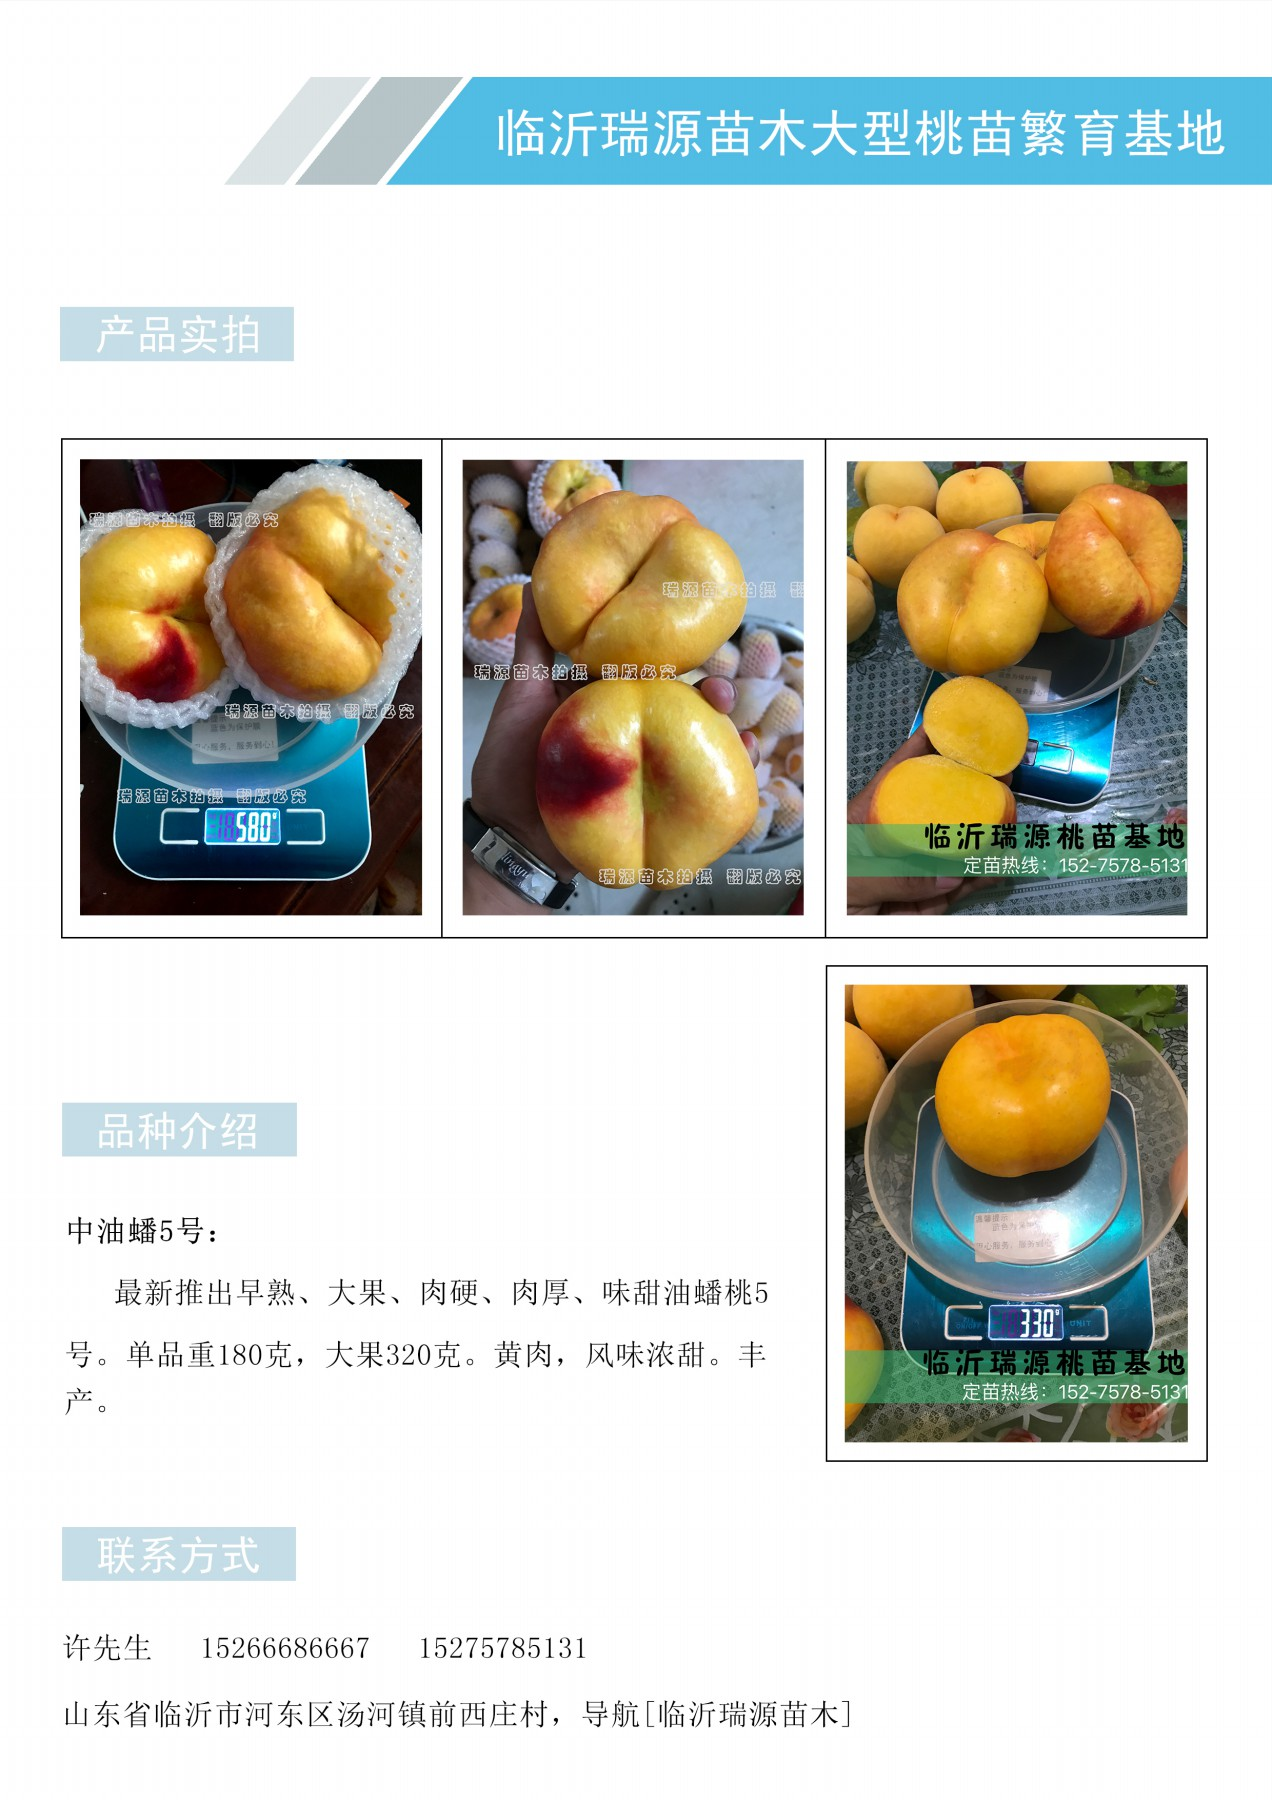 天津油蟠桃苗晚熟雪桃品种